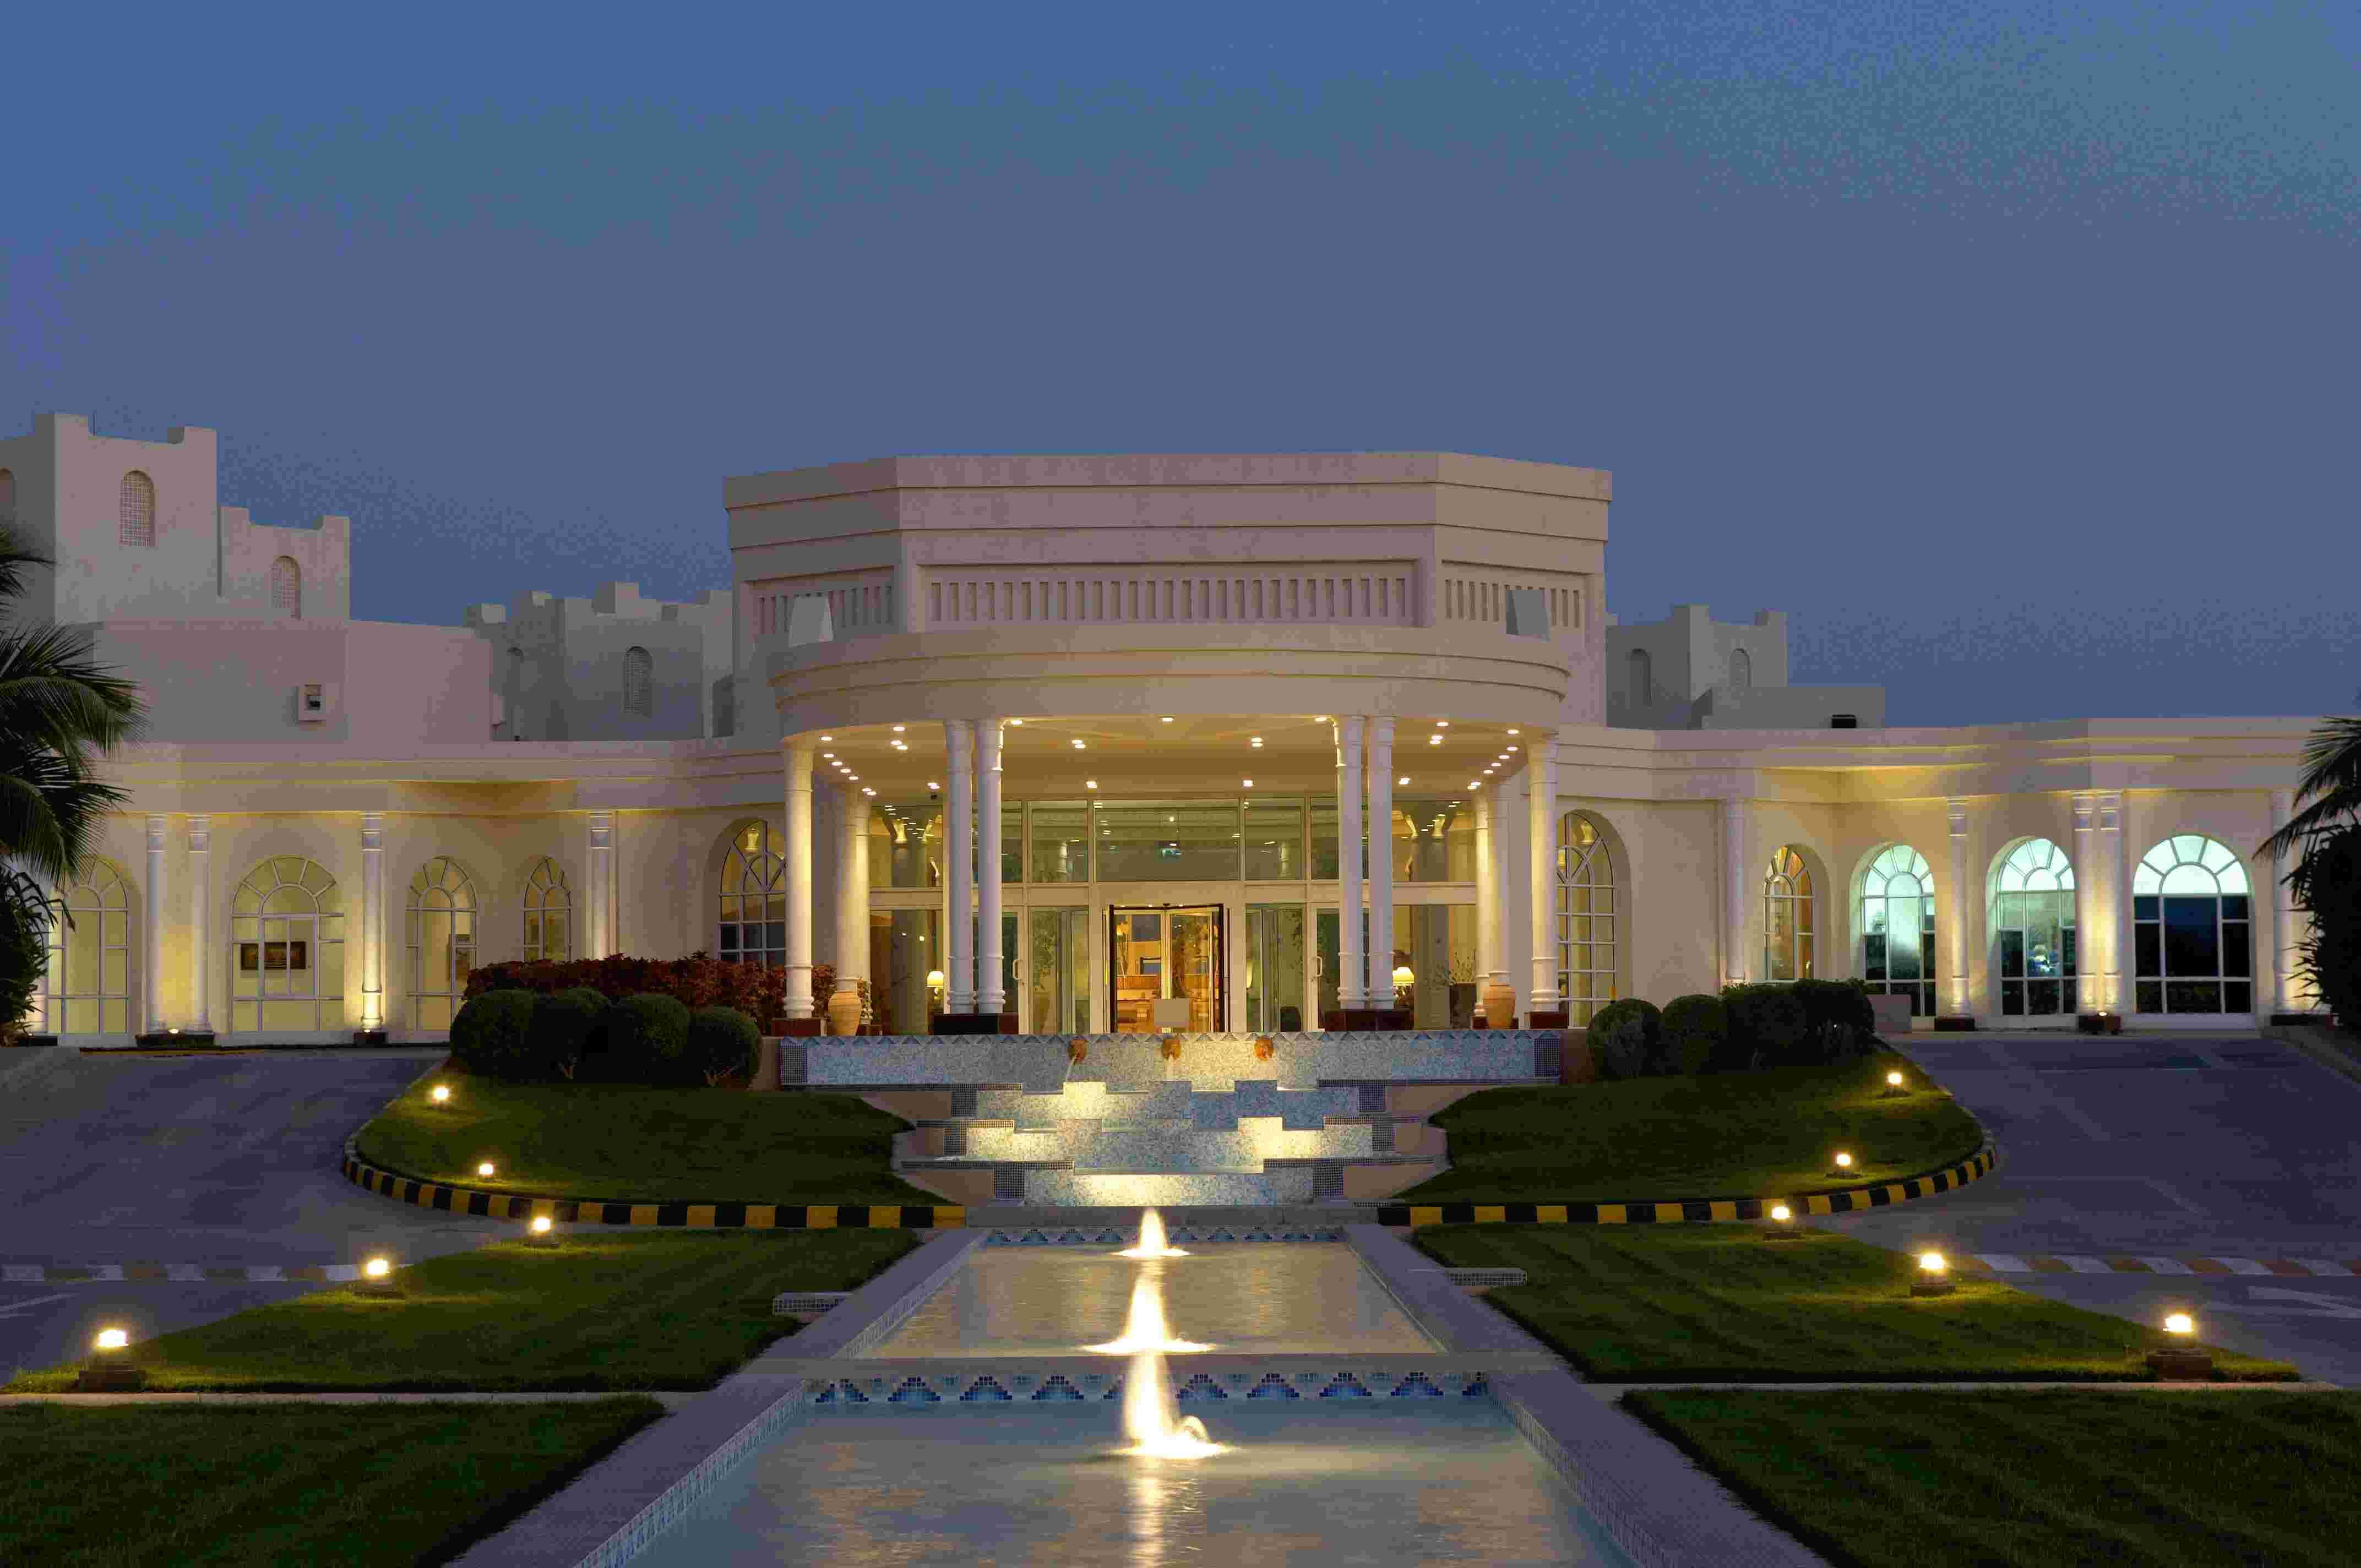 Hilton hotel in Dubai